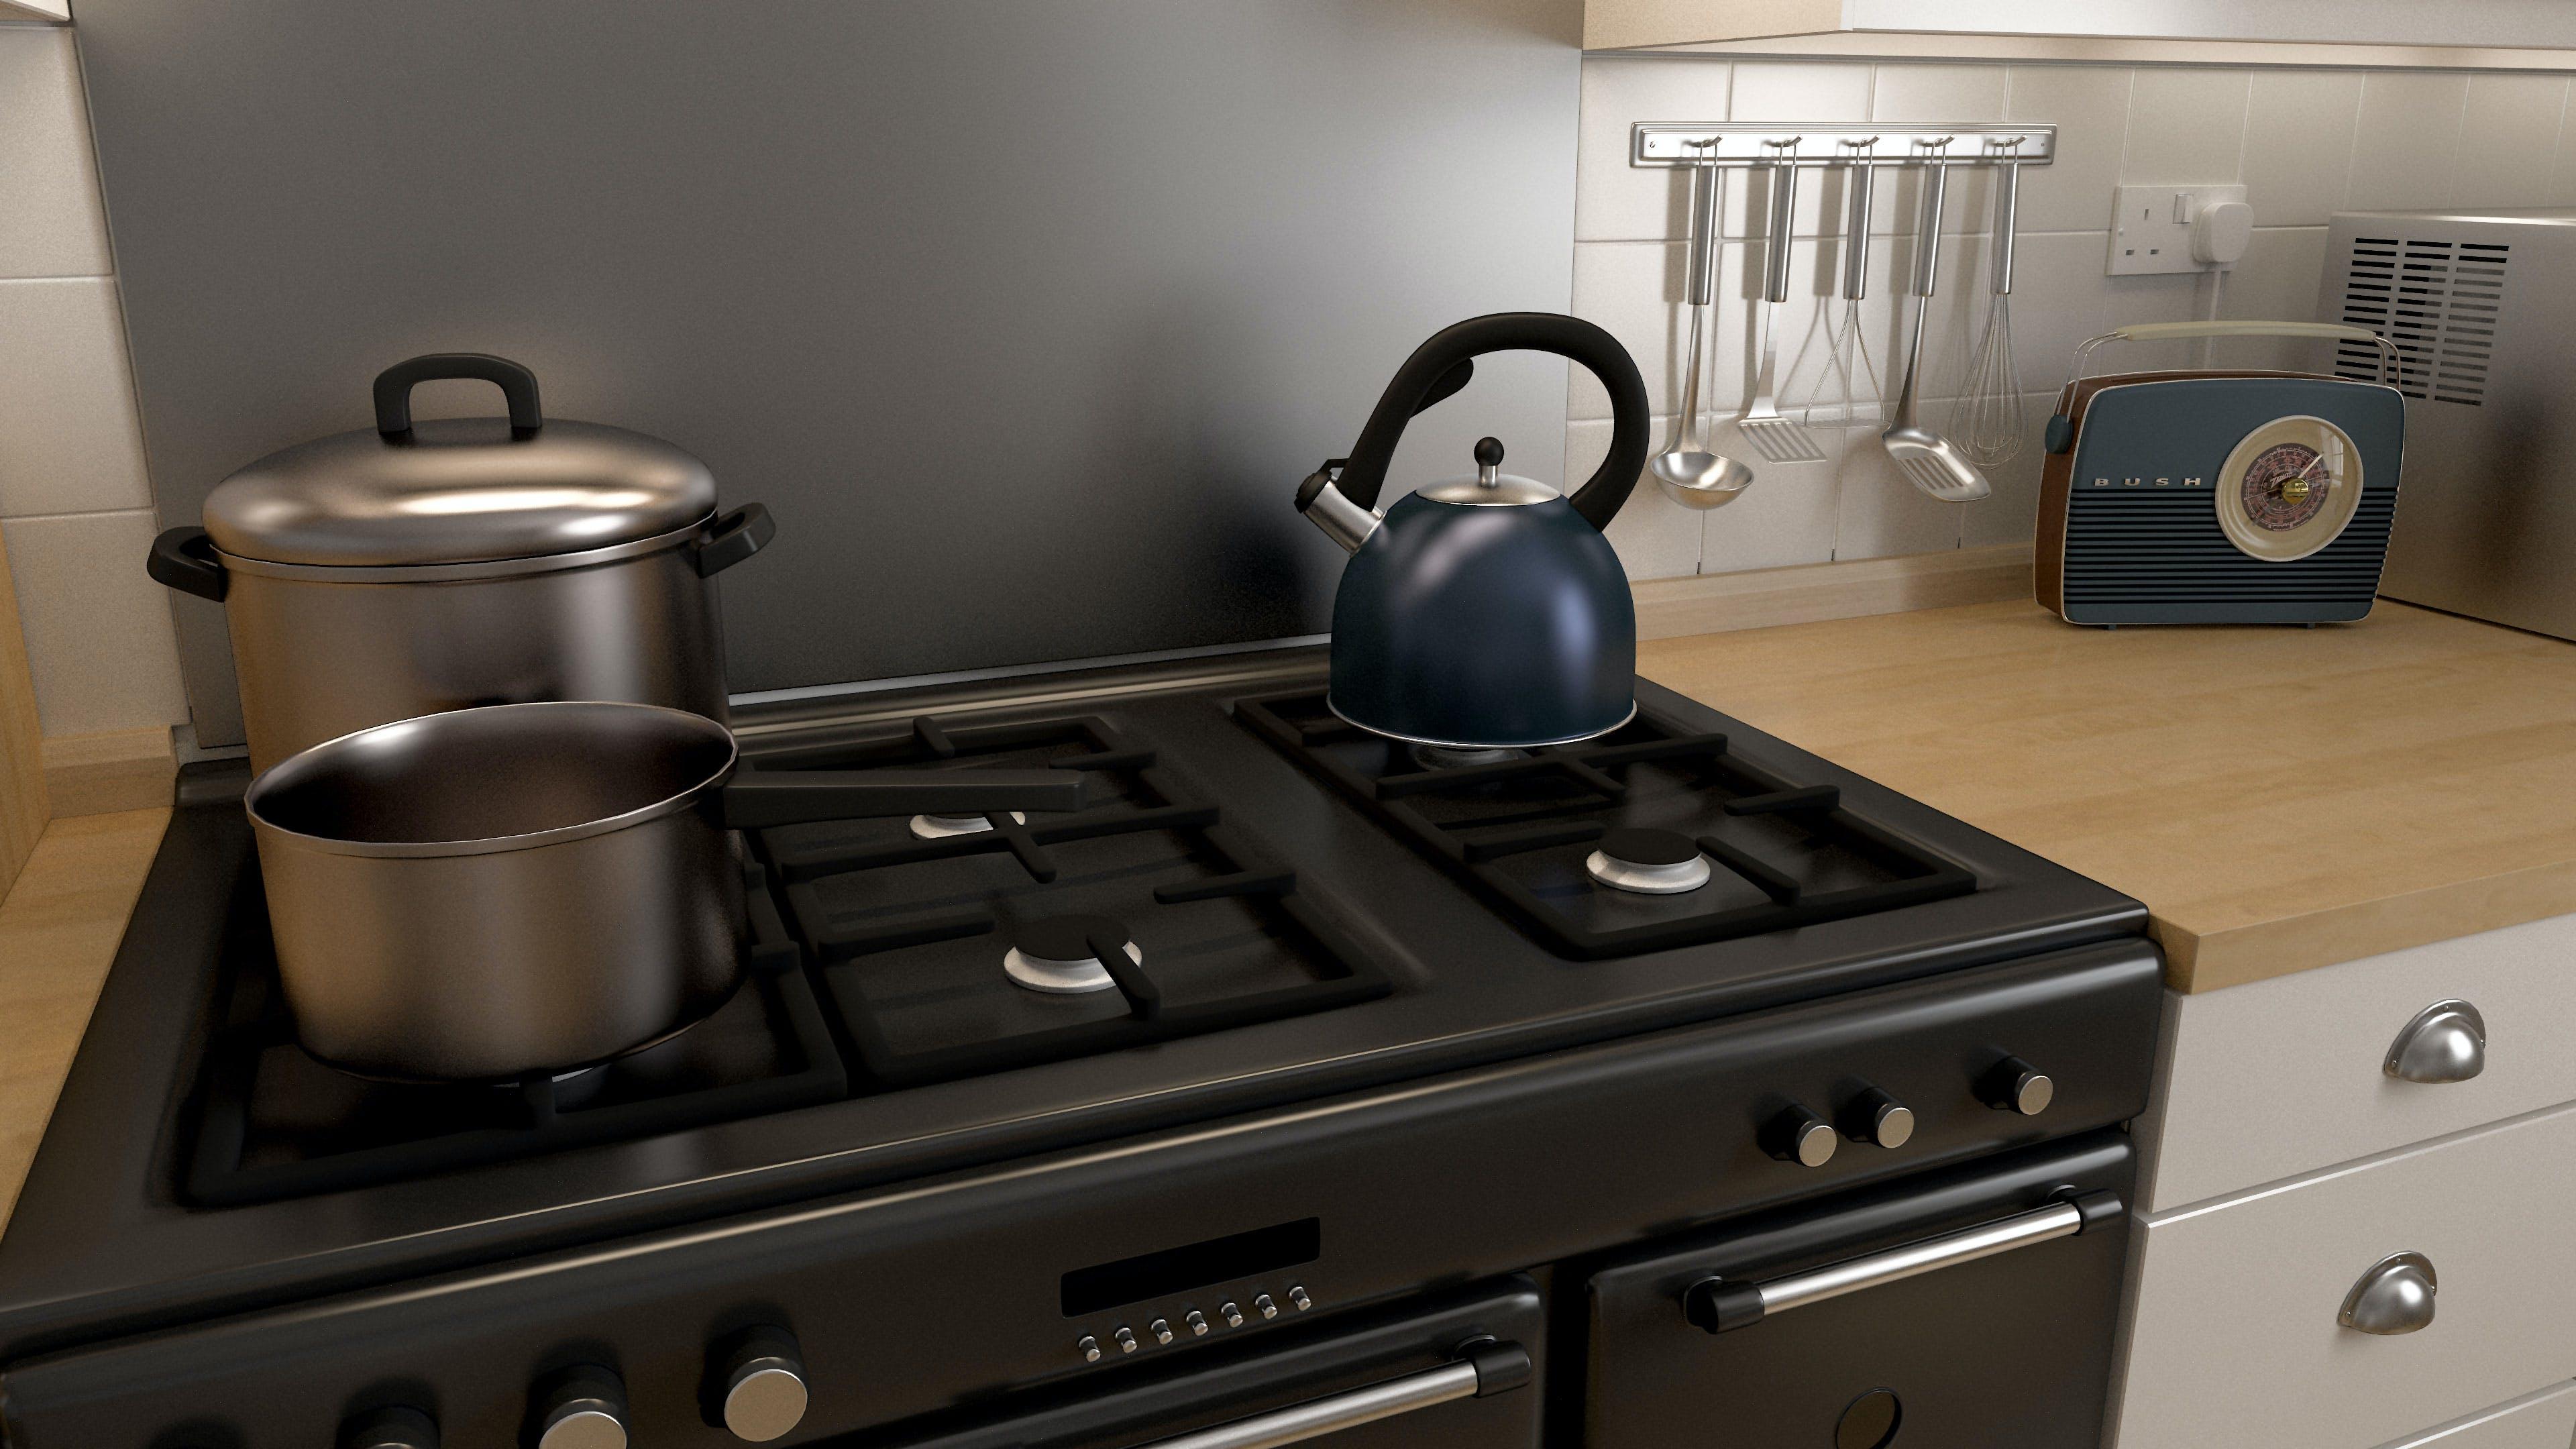 厨房燃烧器, 廚房, 高清桌面 的 免费素材照片